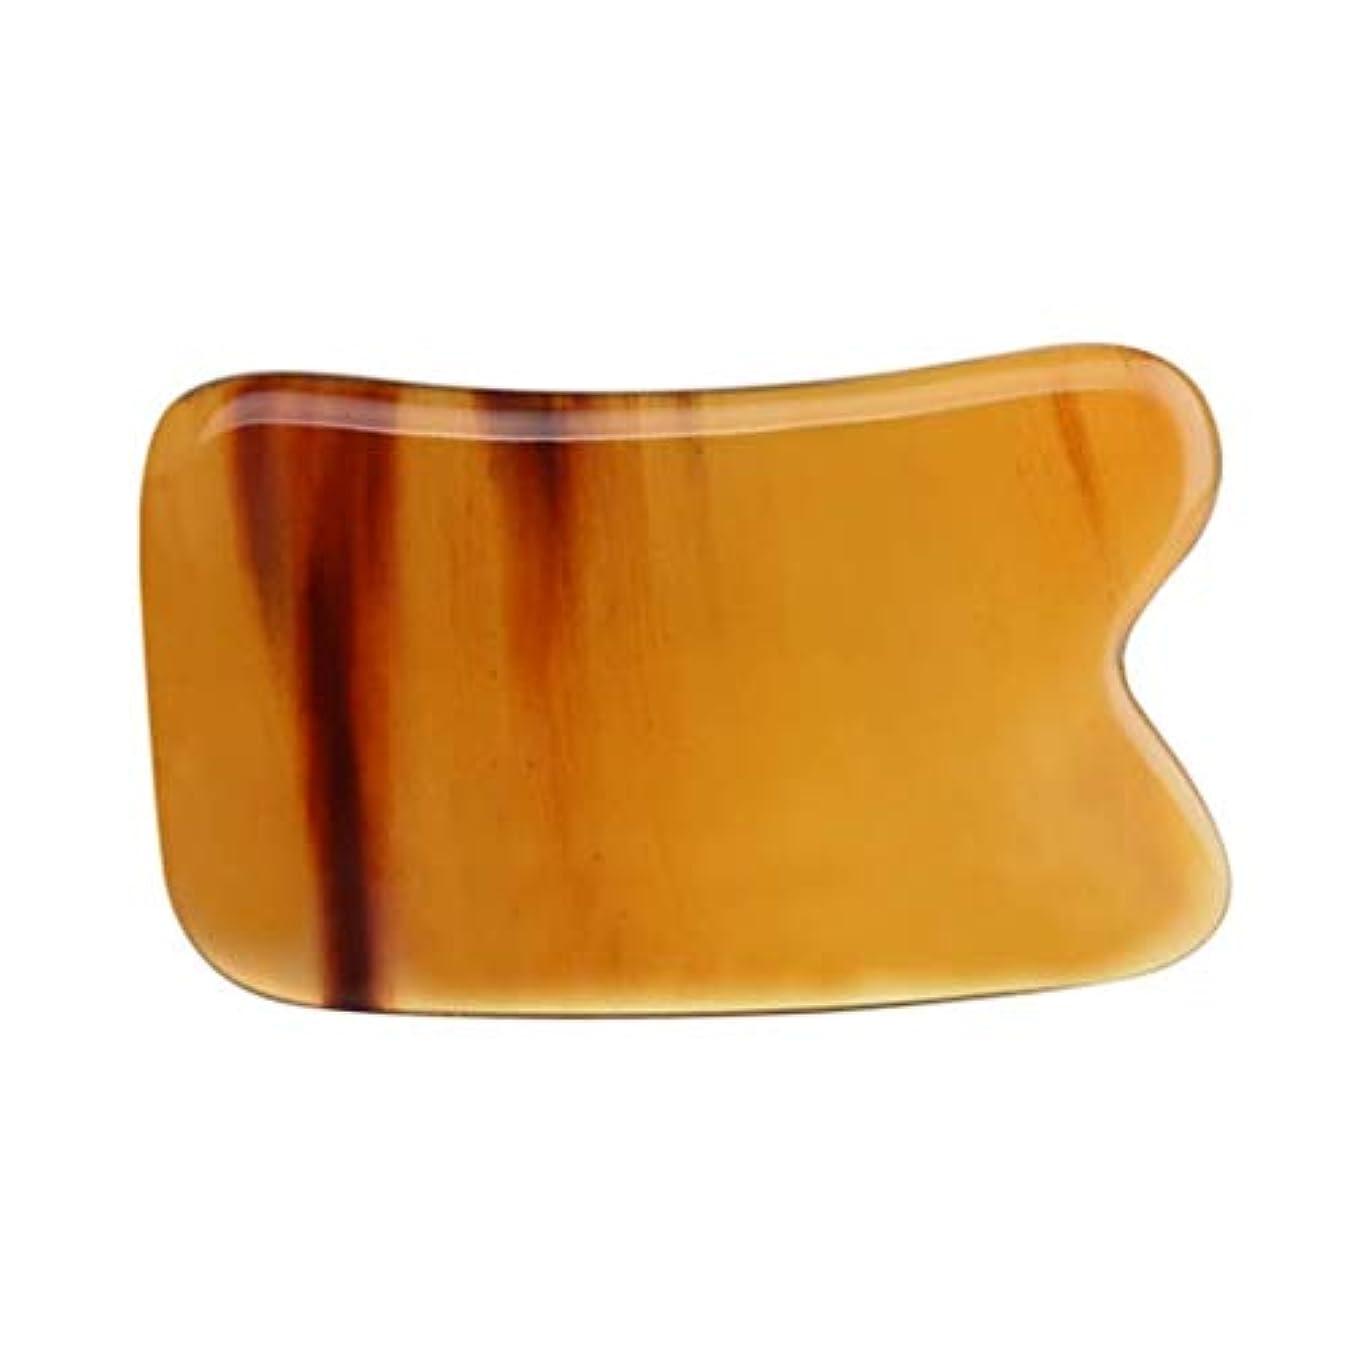 タワー尊厳引用Gua Shaスクレイピングマッサージツール-最高品質の手作りバッファローホーンGuashaボード-首と筋肉の痛みを軽減し、機動性を向上 (Size : 4mm)